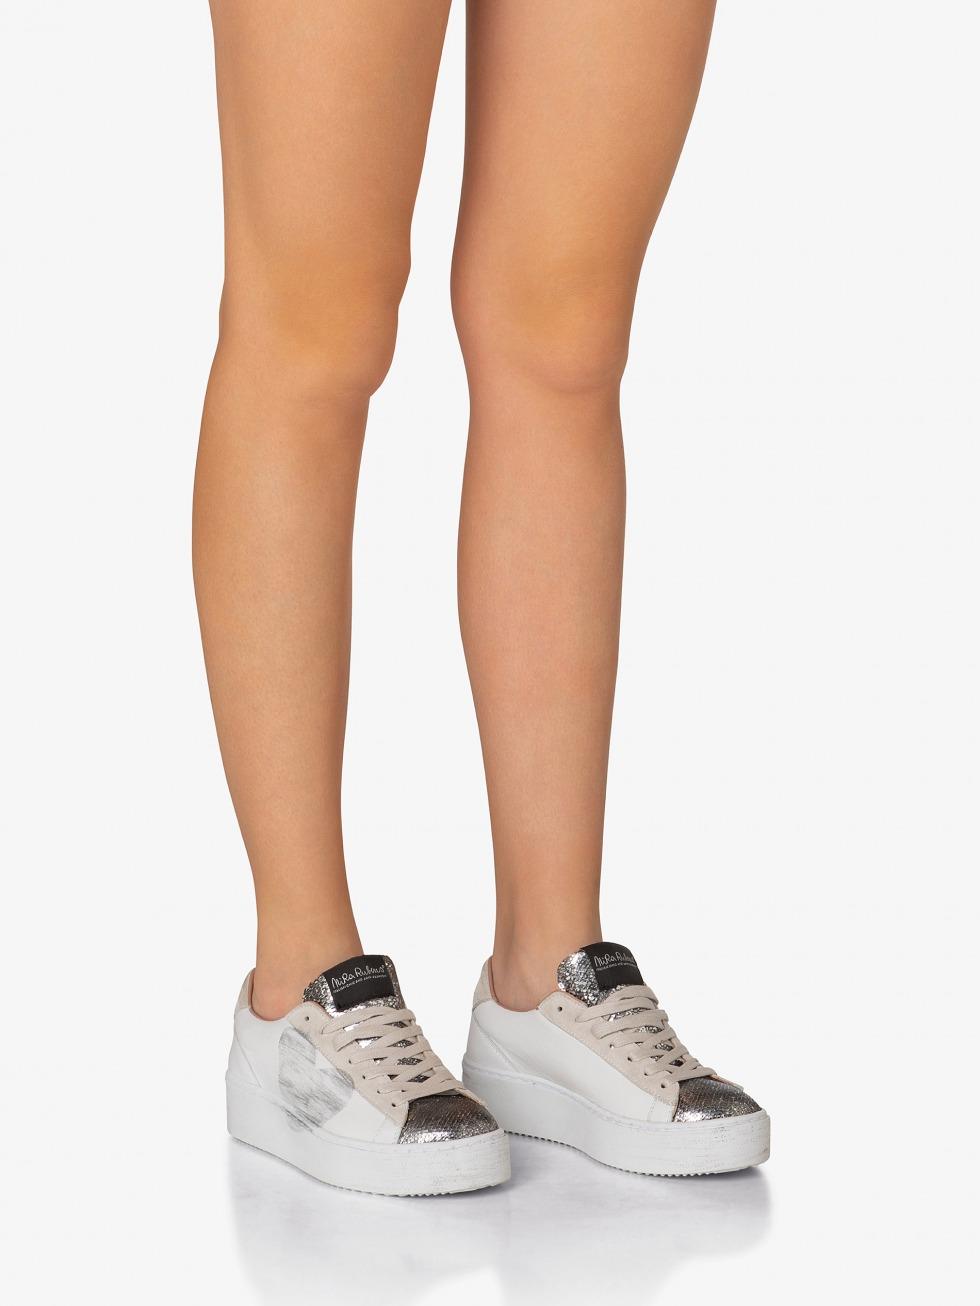 Cosmopolitan Dirtyng Sneakers - Grey Heart